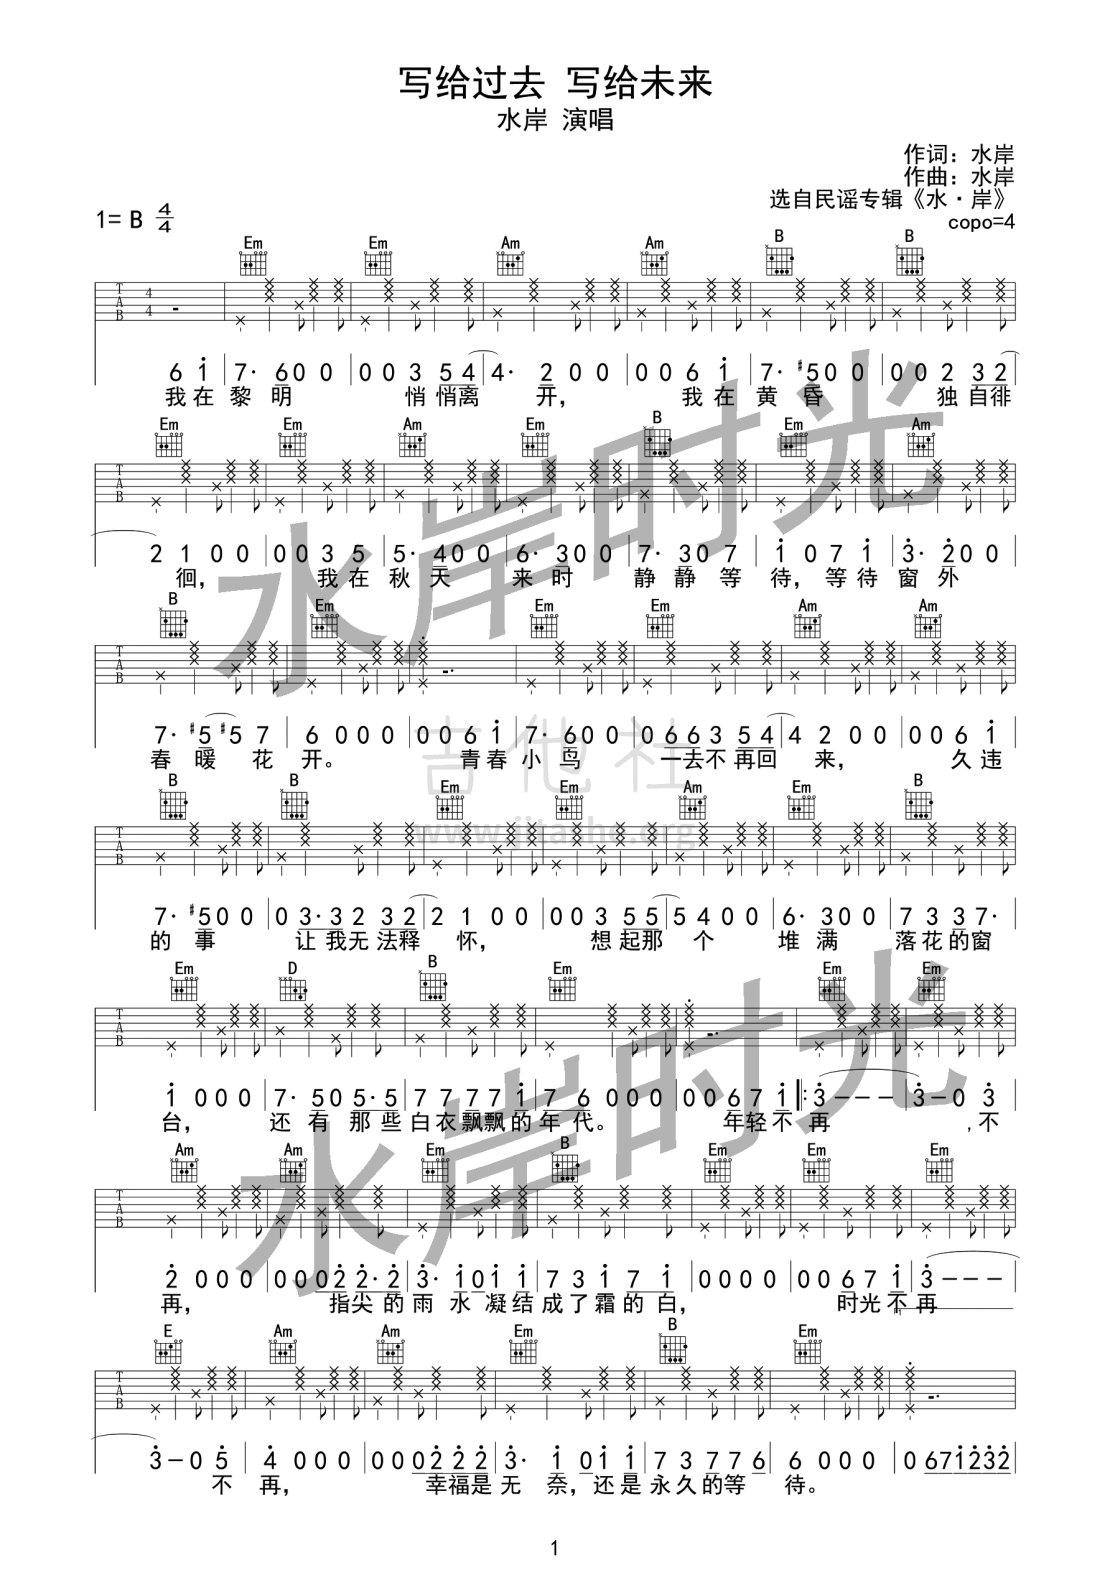 写给过去 写给未来吉他谱(图片谱,原版,简单版,木吉他)_水岸_写给过去写给未来01.jpg